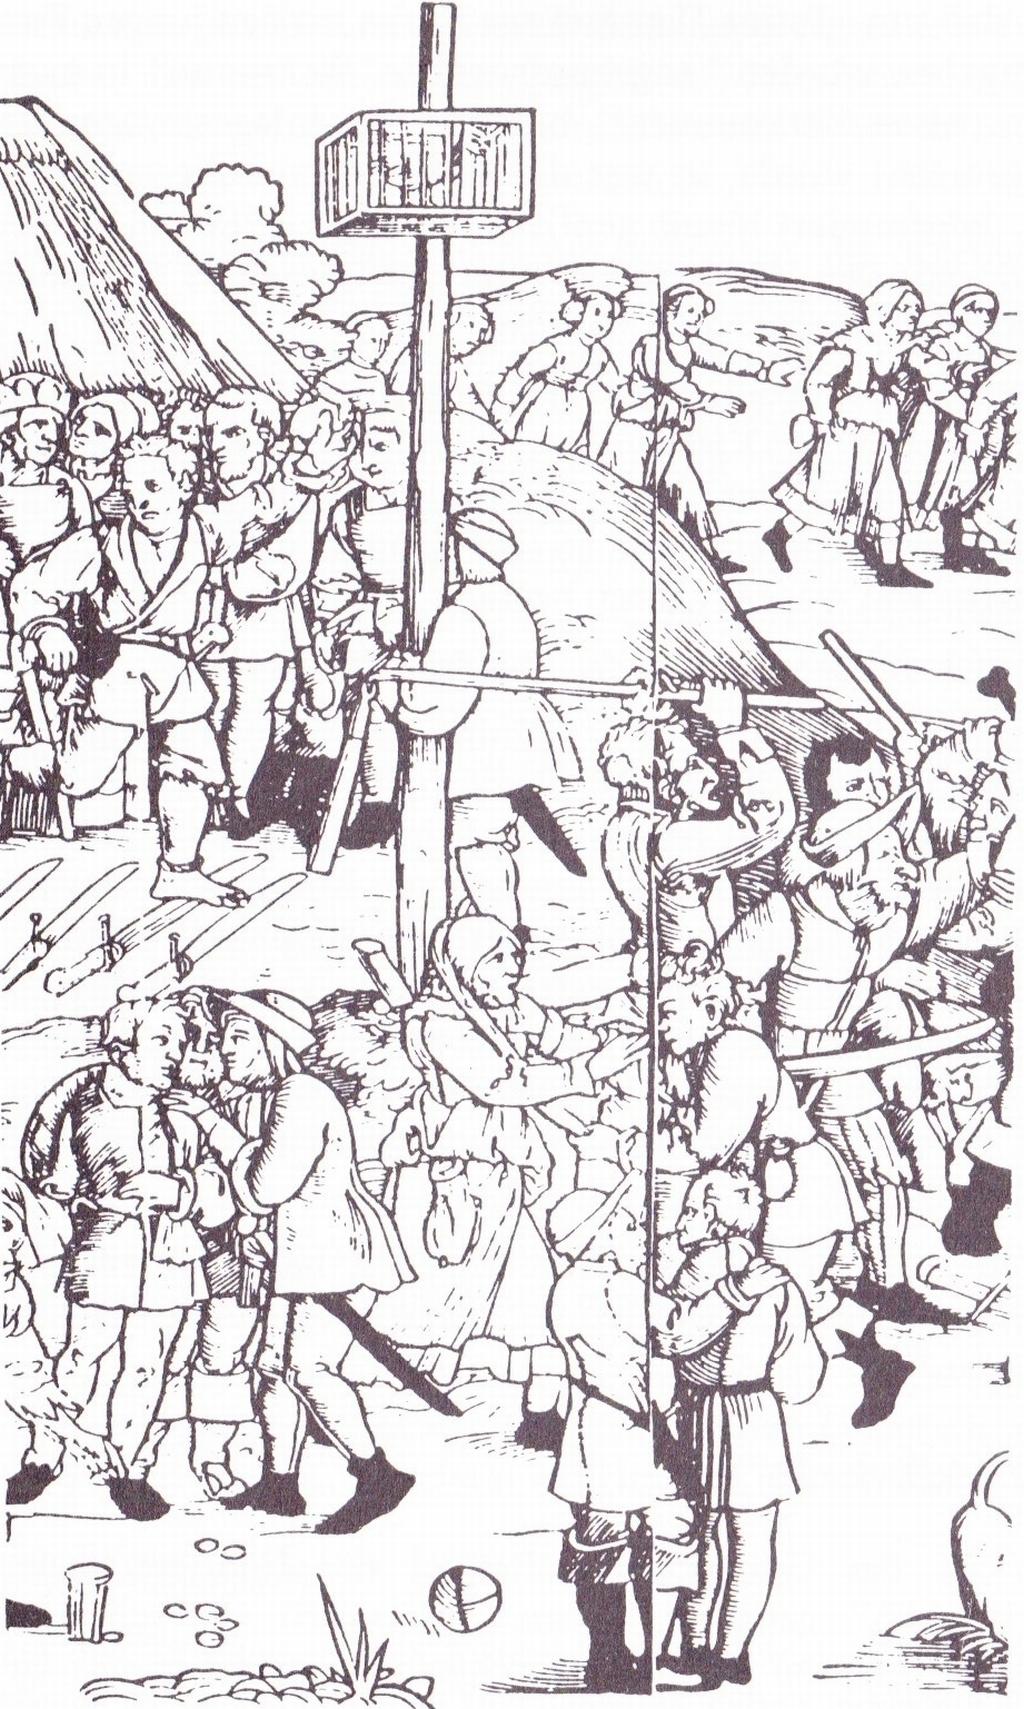 Kirchweihbrauchtum in der Dreieich im Spiegel von drei Jahrhunderten ...